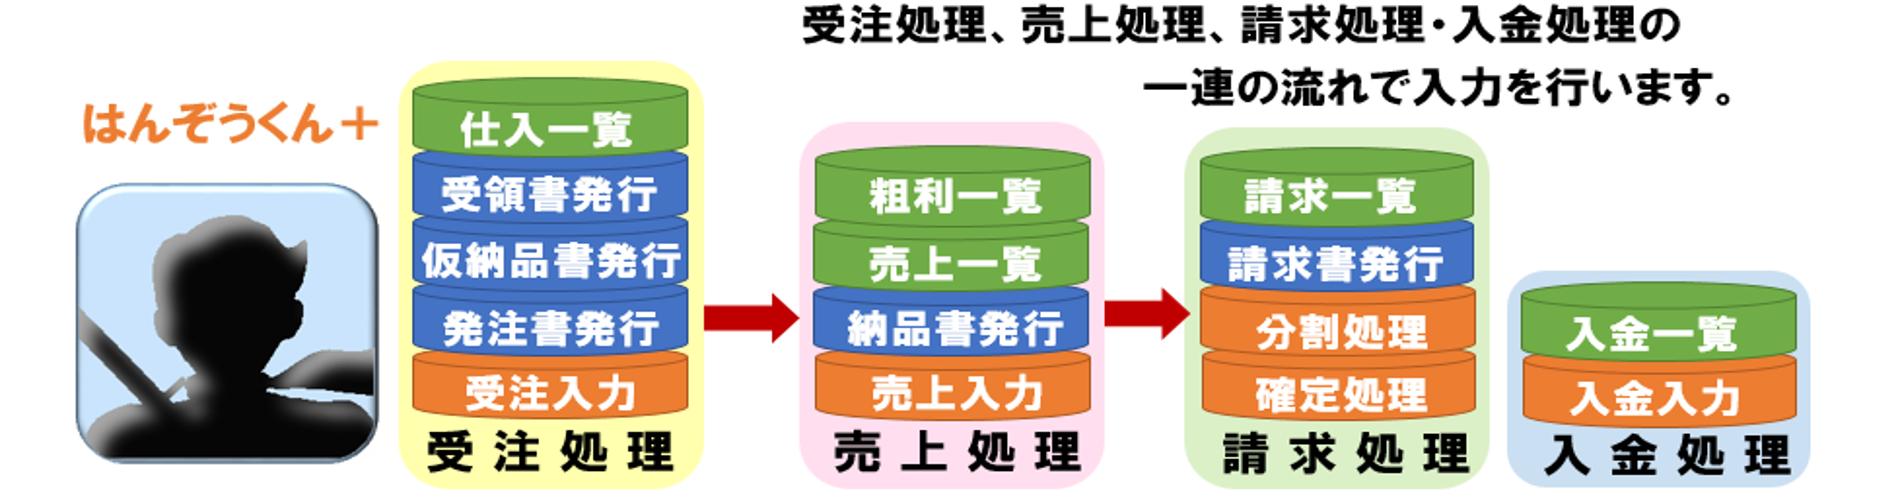 販売管理システムのイメージ